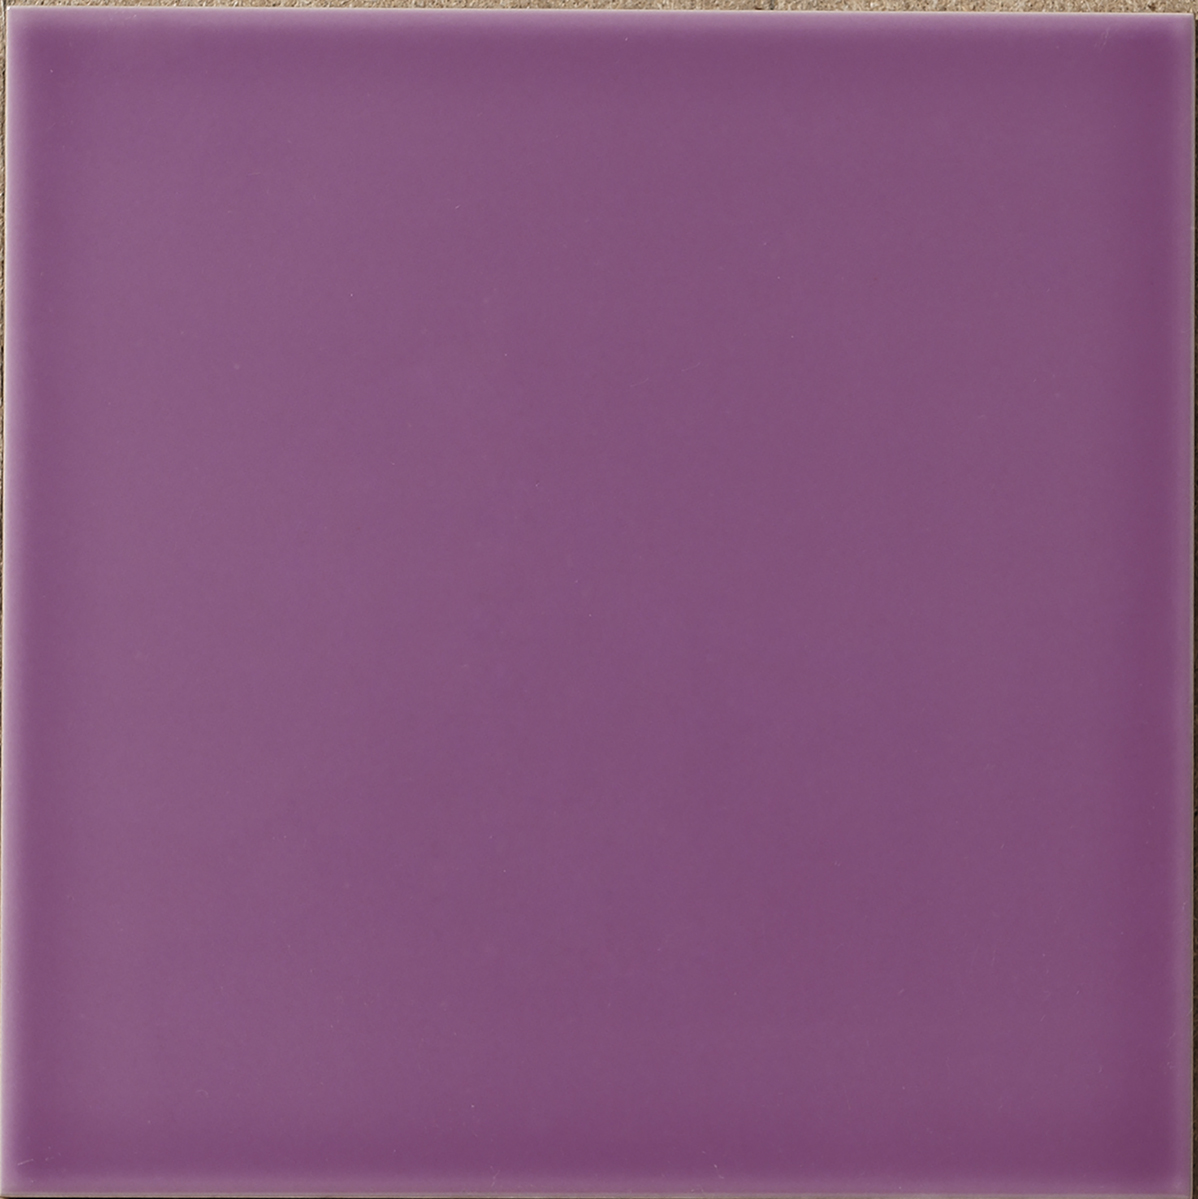 Sigma Violeta 20 x 20